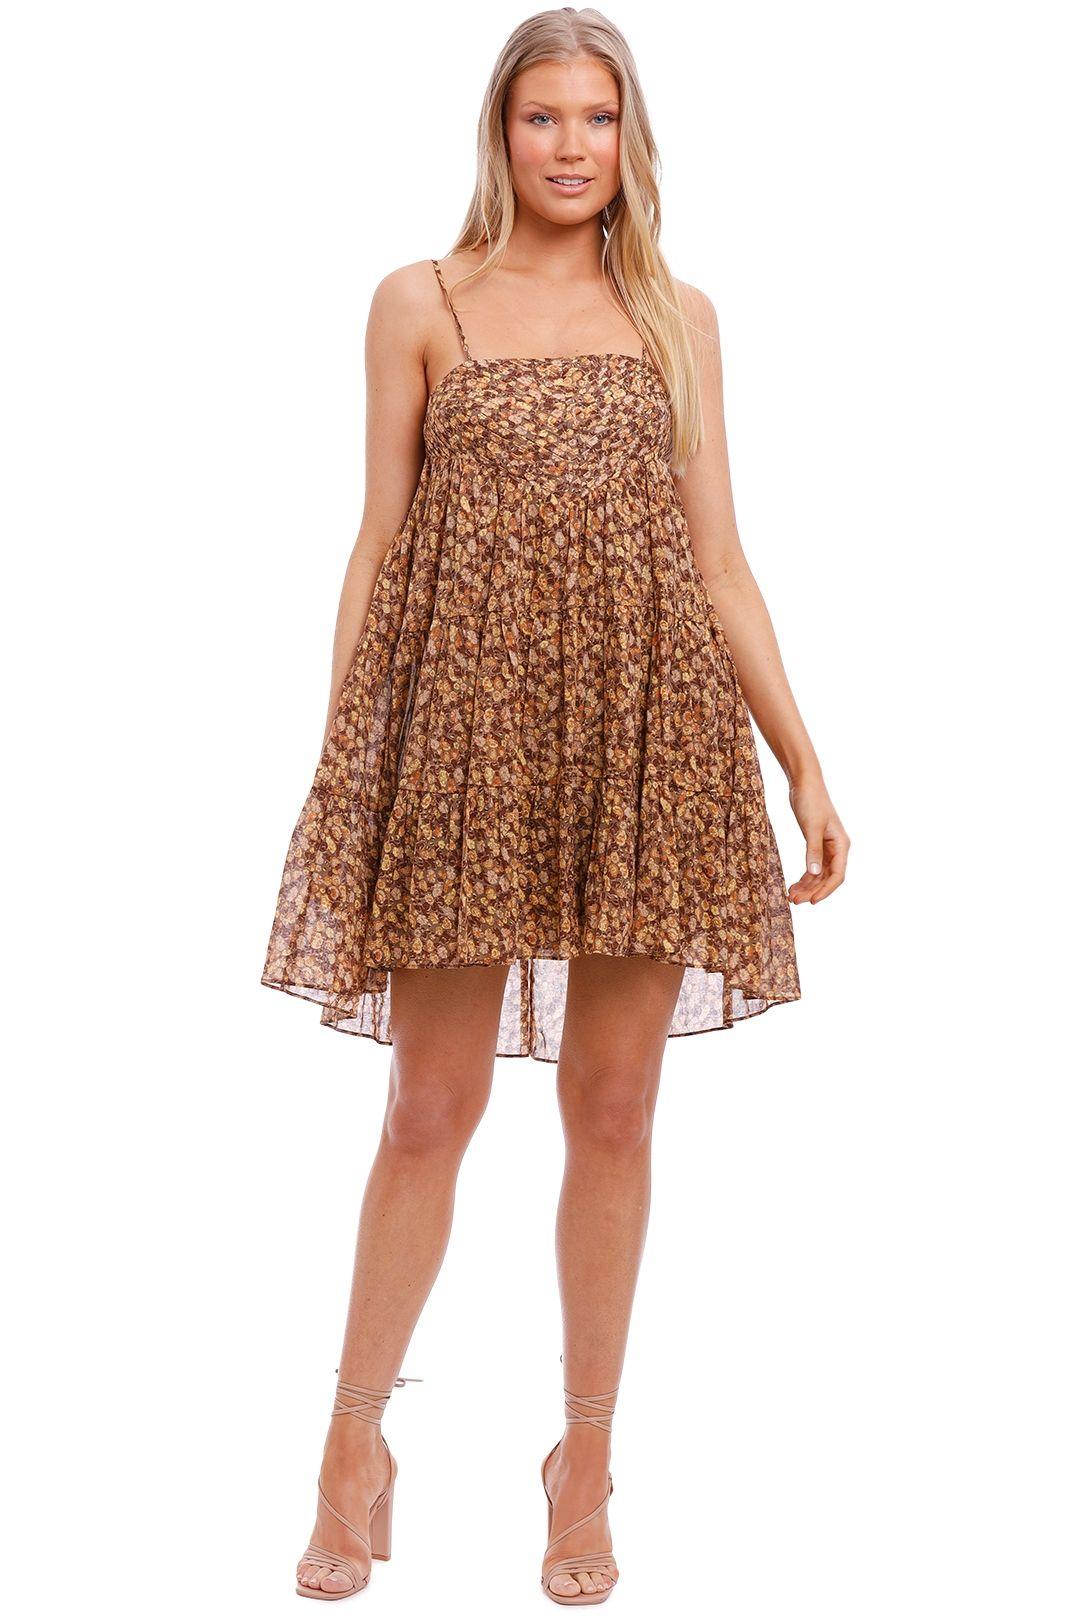 Shona Joy Pin Tuck Mini Dress floral